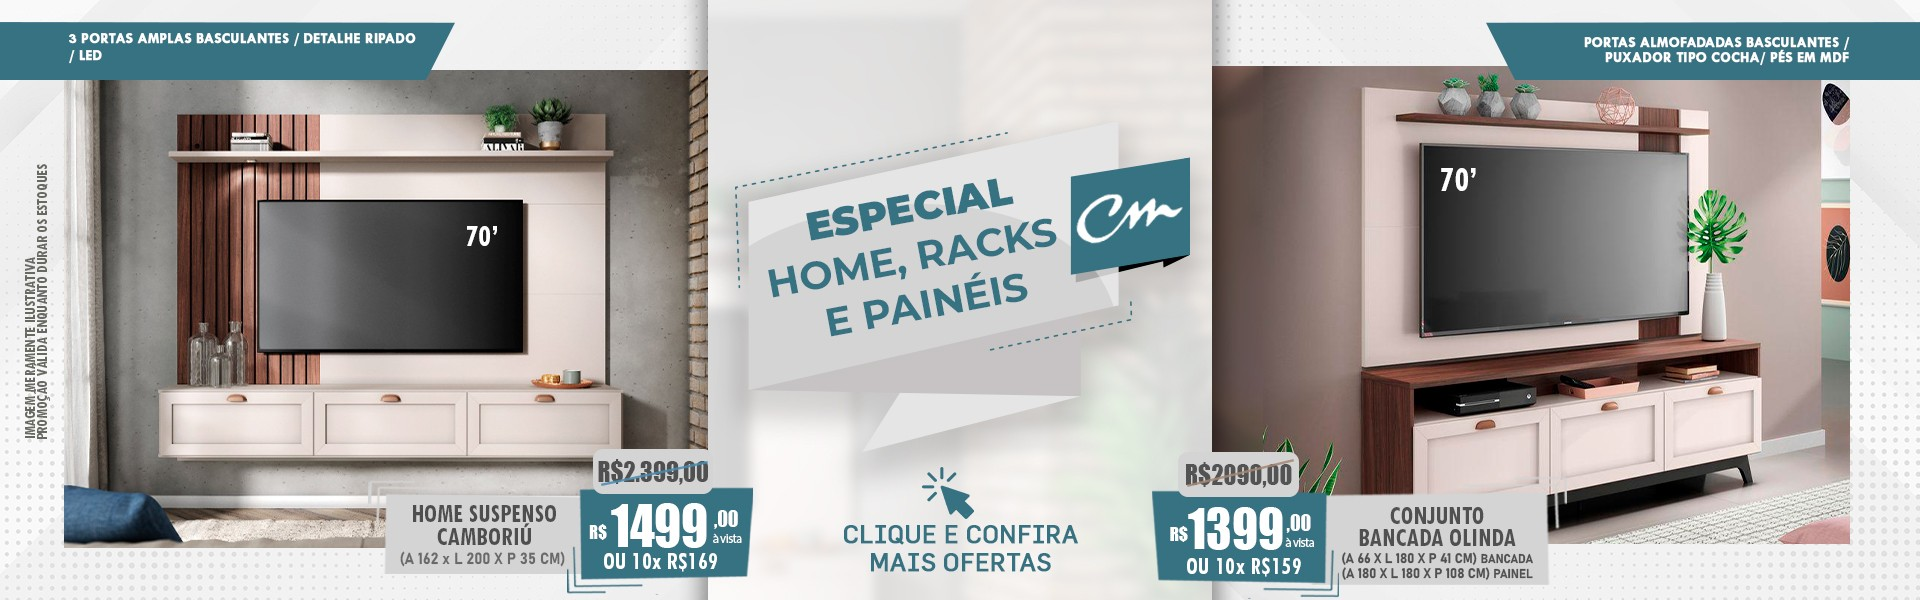 ESPECIAL HOME, RACKS E PAINÉIS